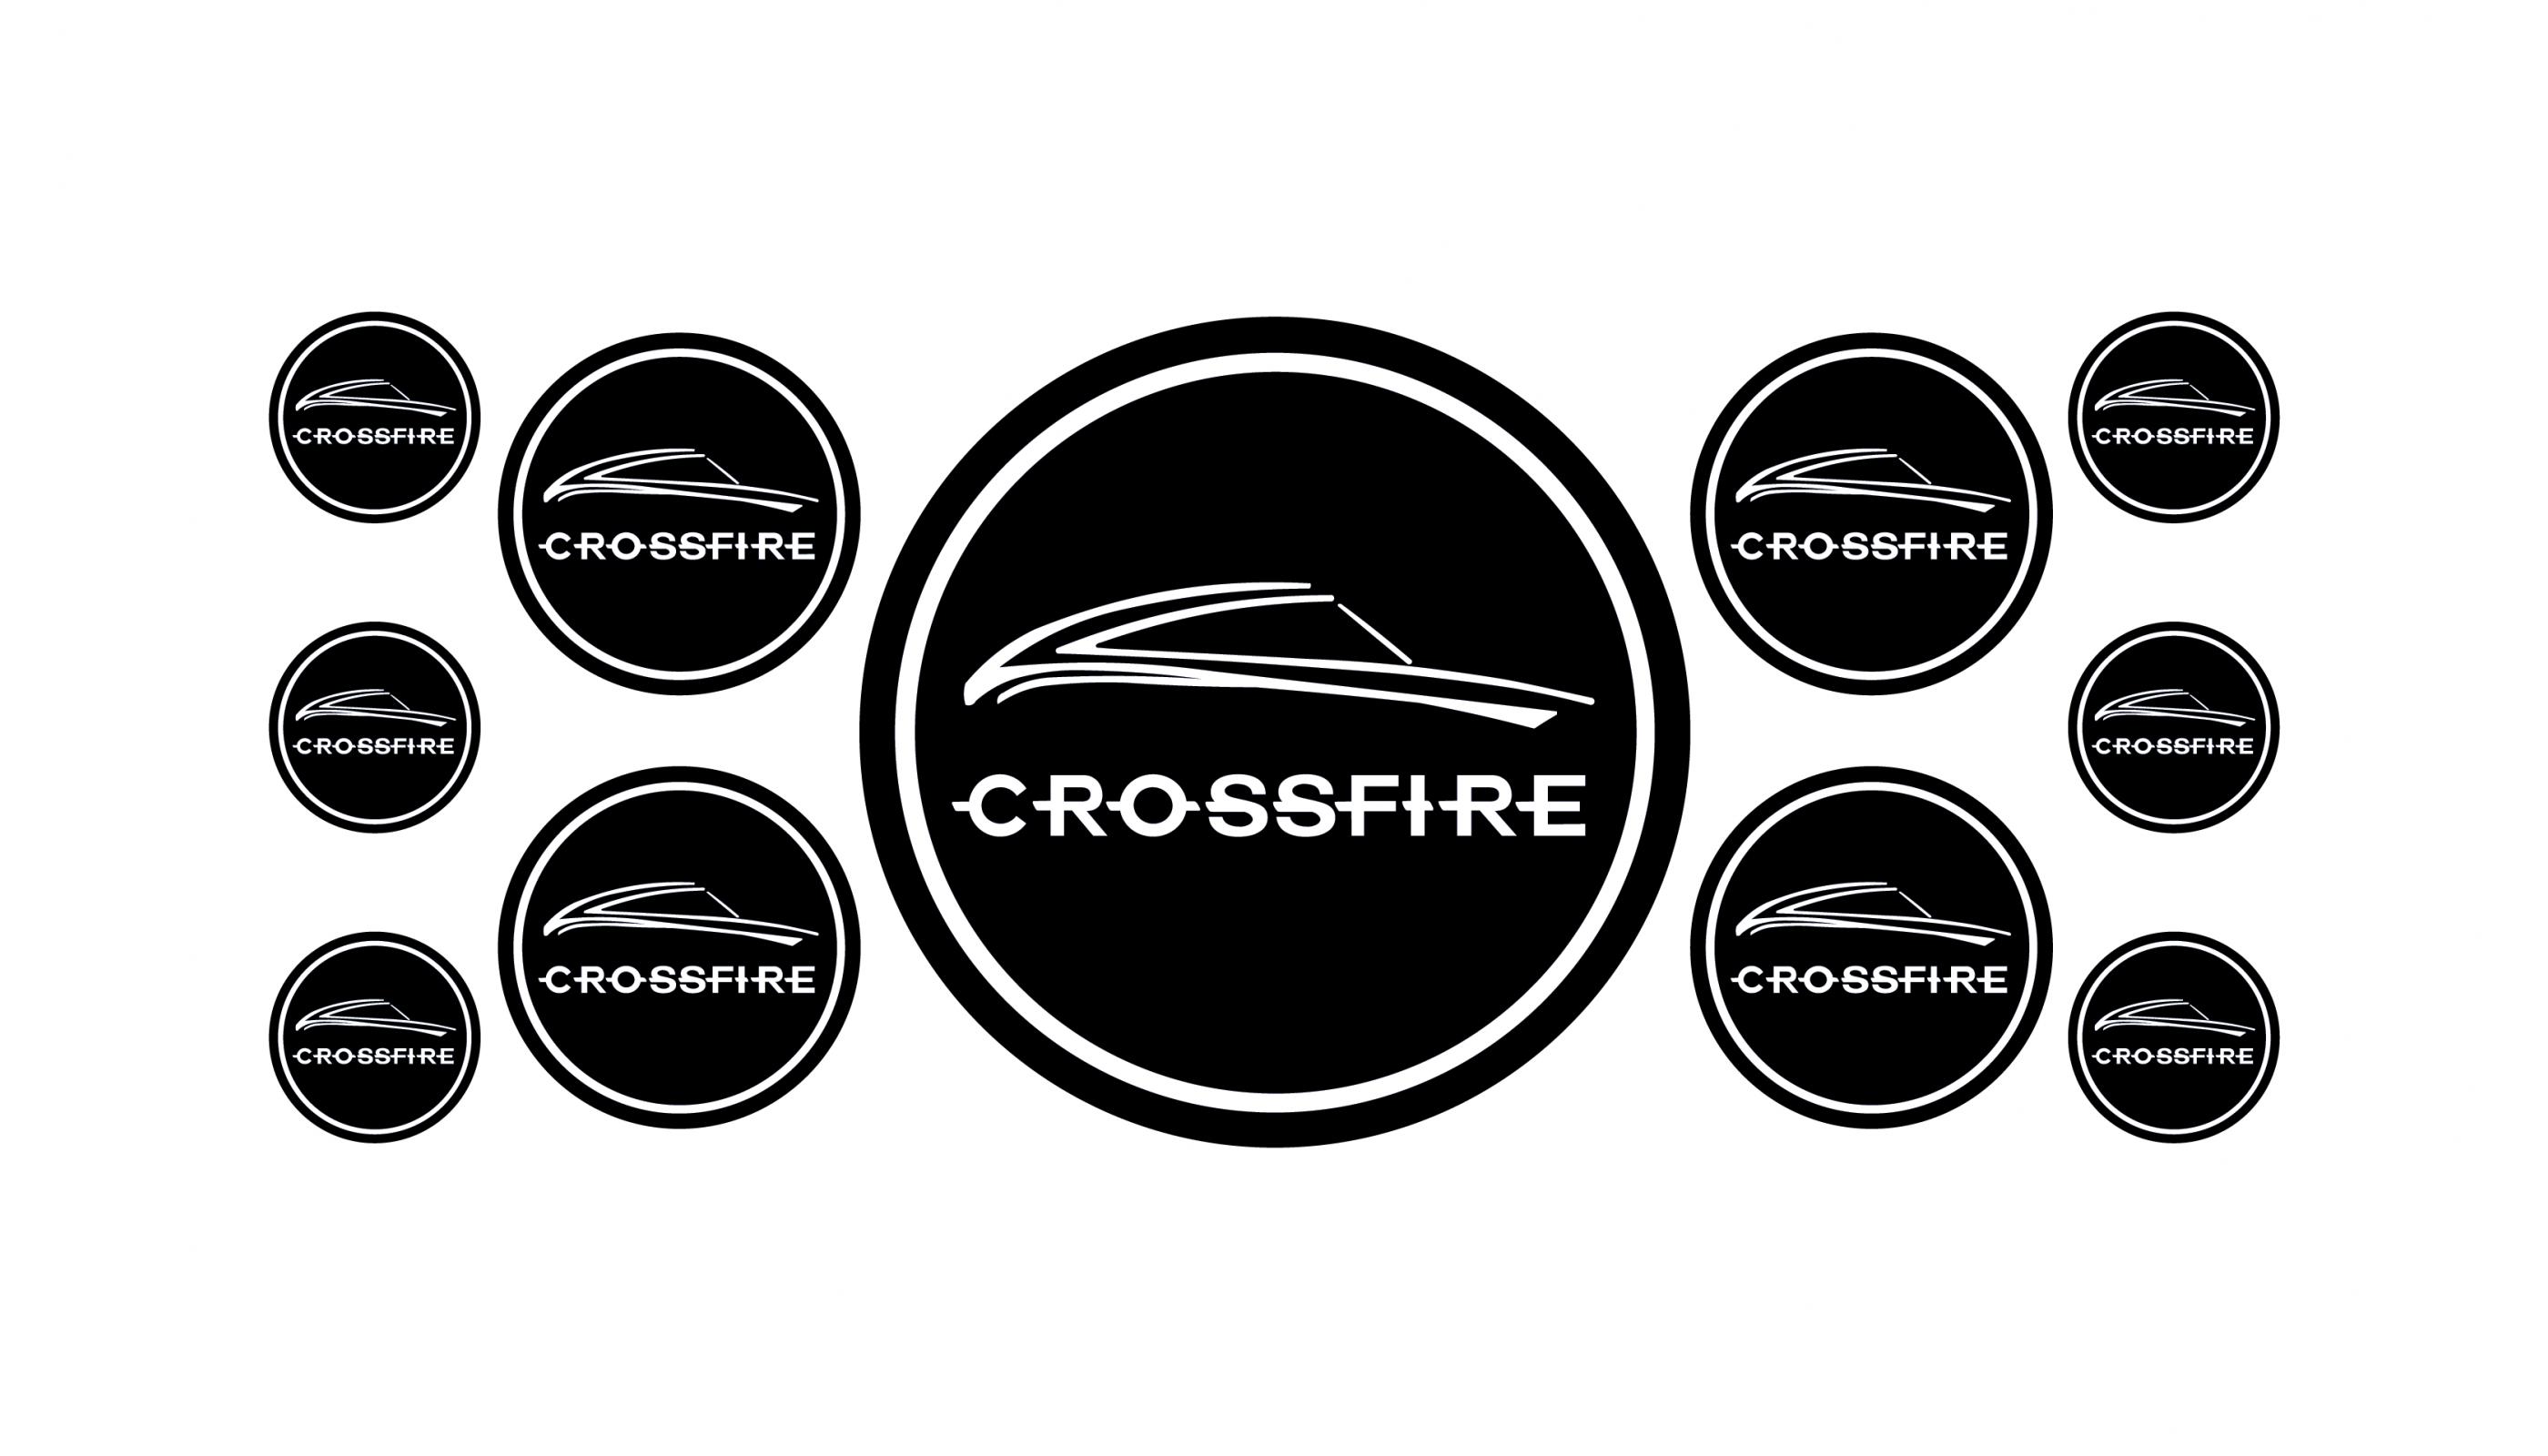 Crossfire black domed emblems